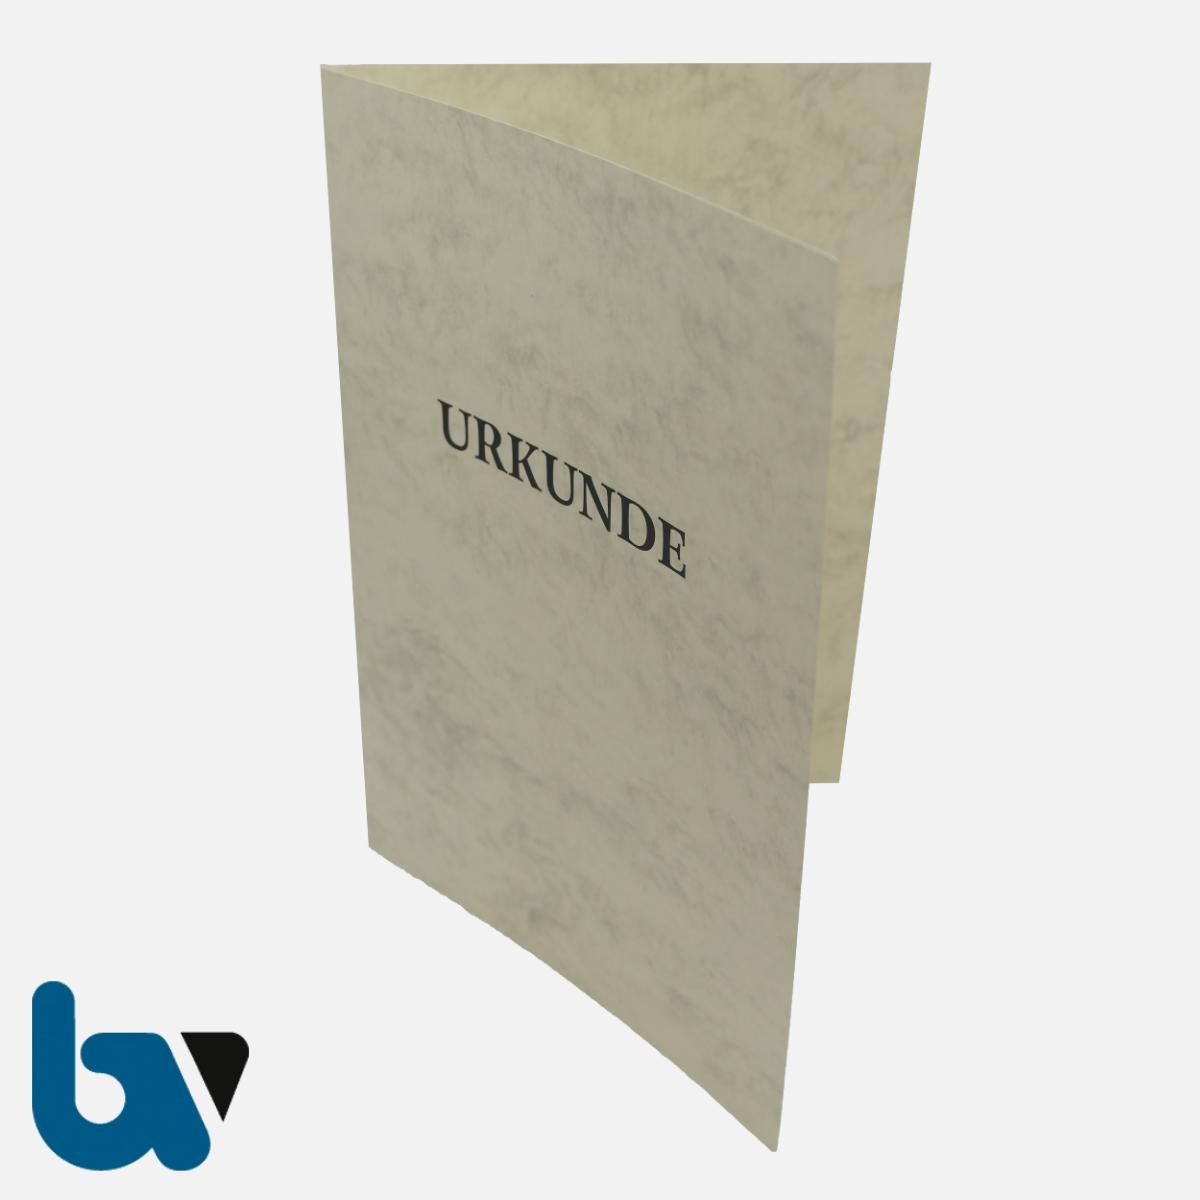 0/134-13 Urkundenhülle Creme Dokumente marmoriert Karton Aufdruck Überformat Einstecktasche Einlege DIN A4 VS 1 | Borgard Verlag GmbH